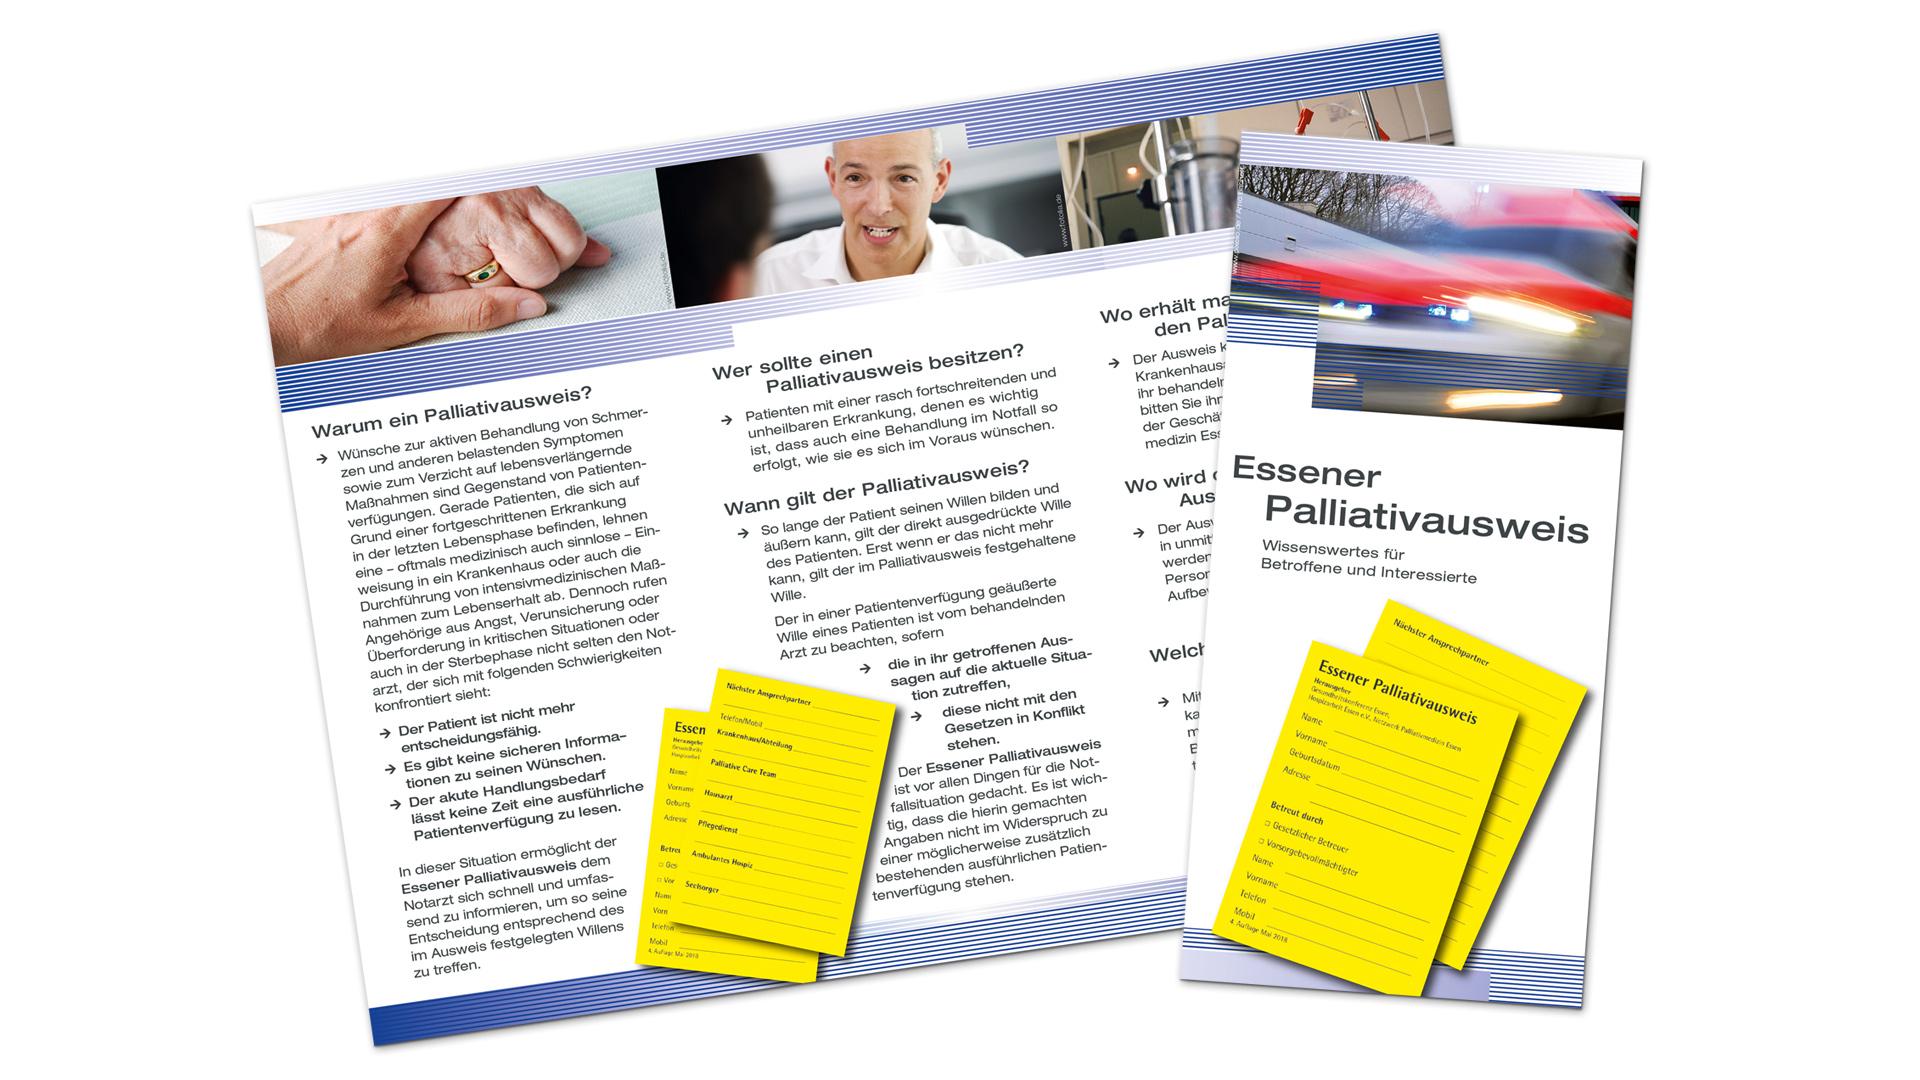 NPE – Flyer zum Palliativausweis der Stadt Essen